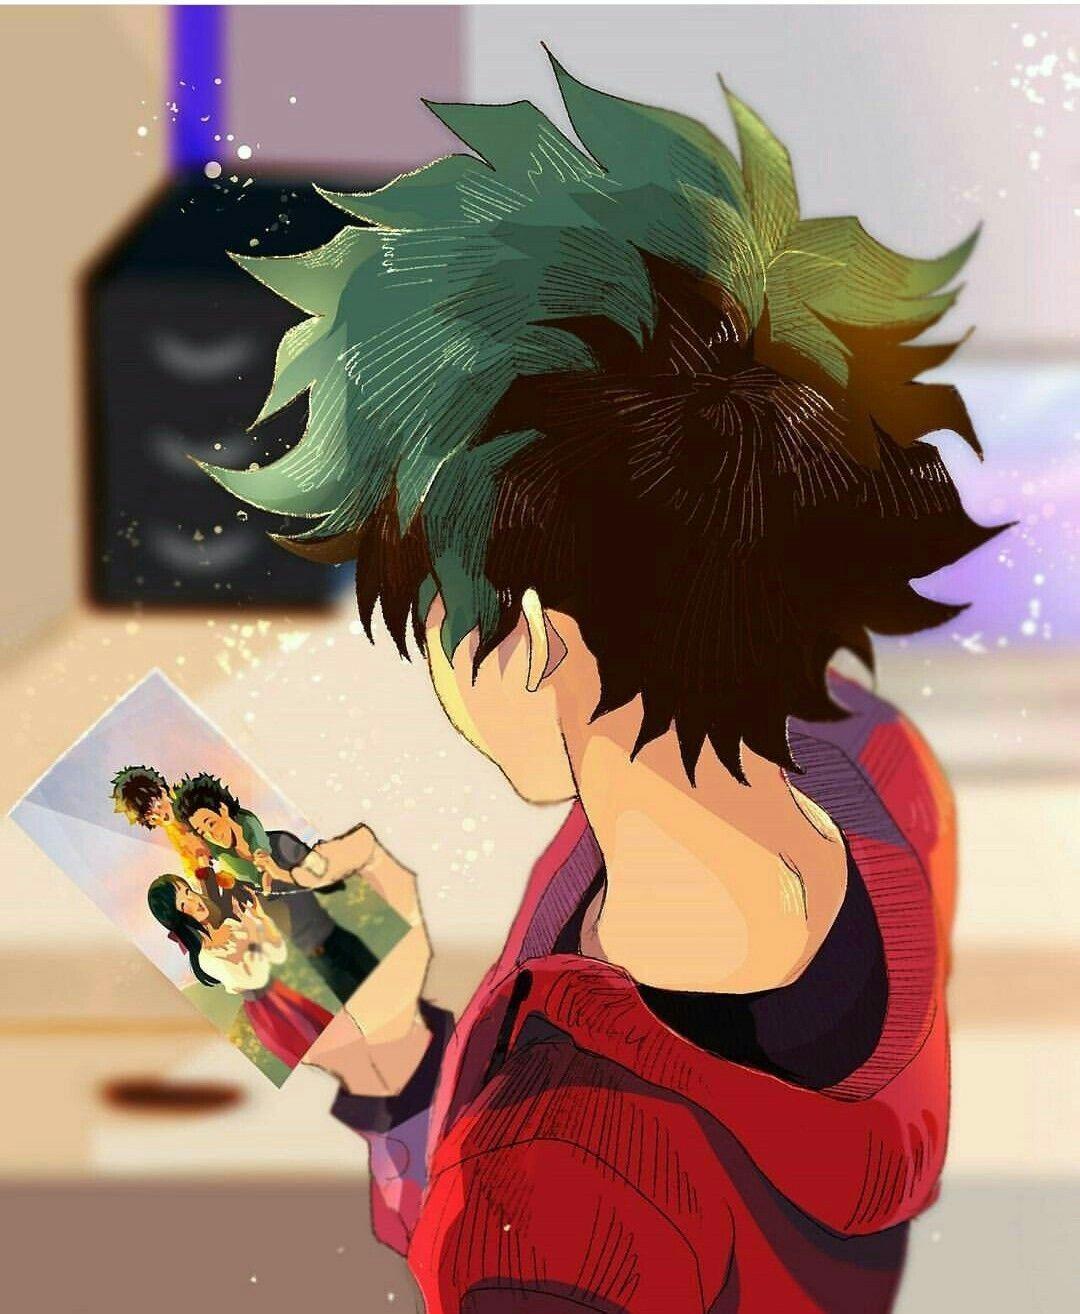 Midoriya Izuku Anime, My hero, My hero academia manga